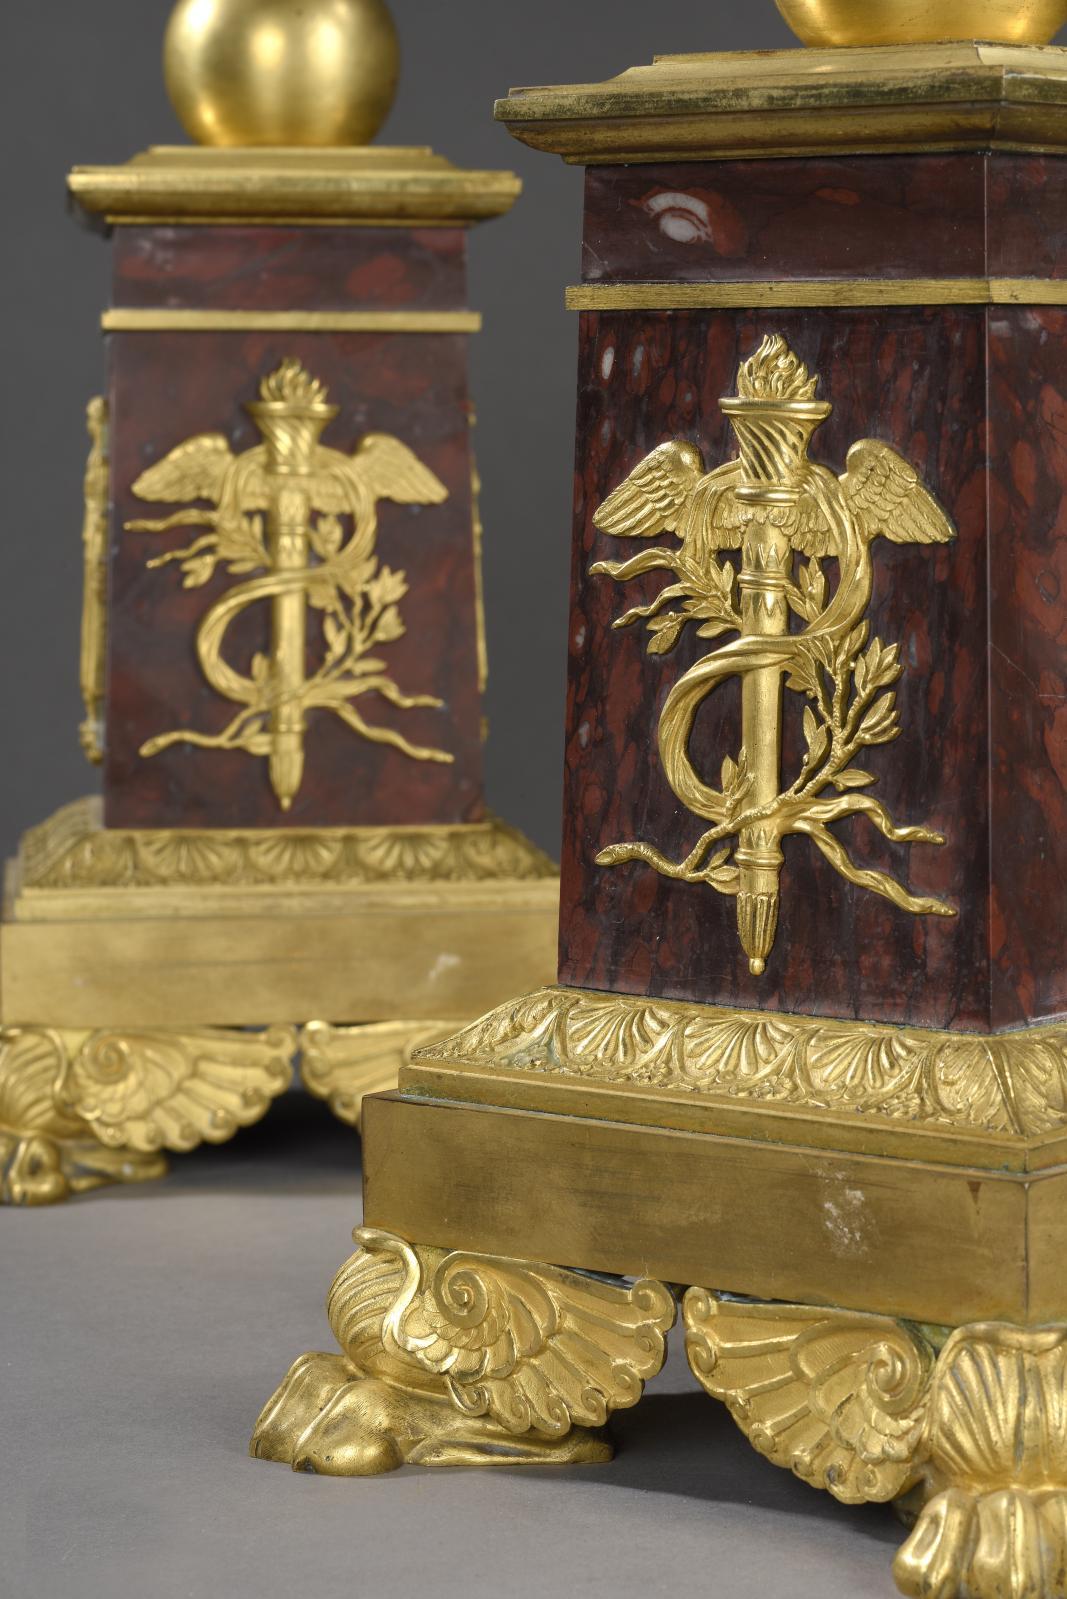 Paire de candélabres aux vestales en bronze satiné soutenant un bouquet en bronze doré à cinq lumières, bases de marbre rouge griotte, socles en bronz